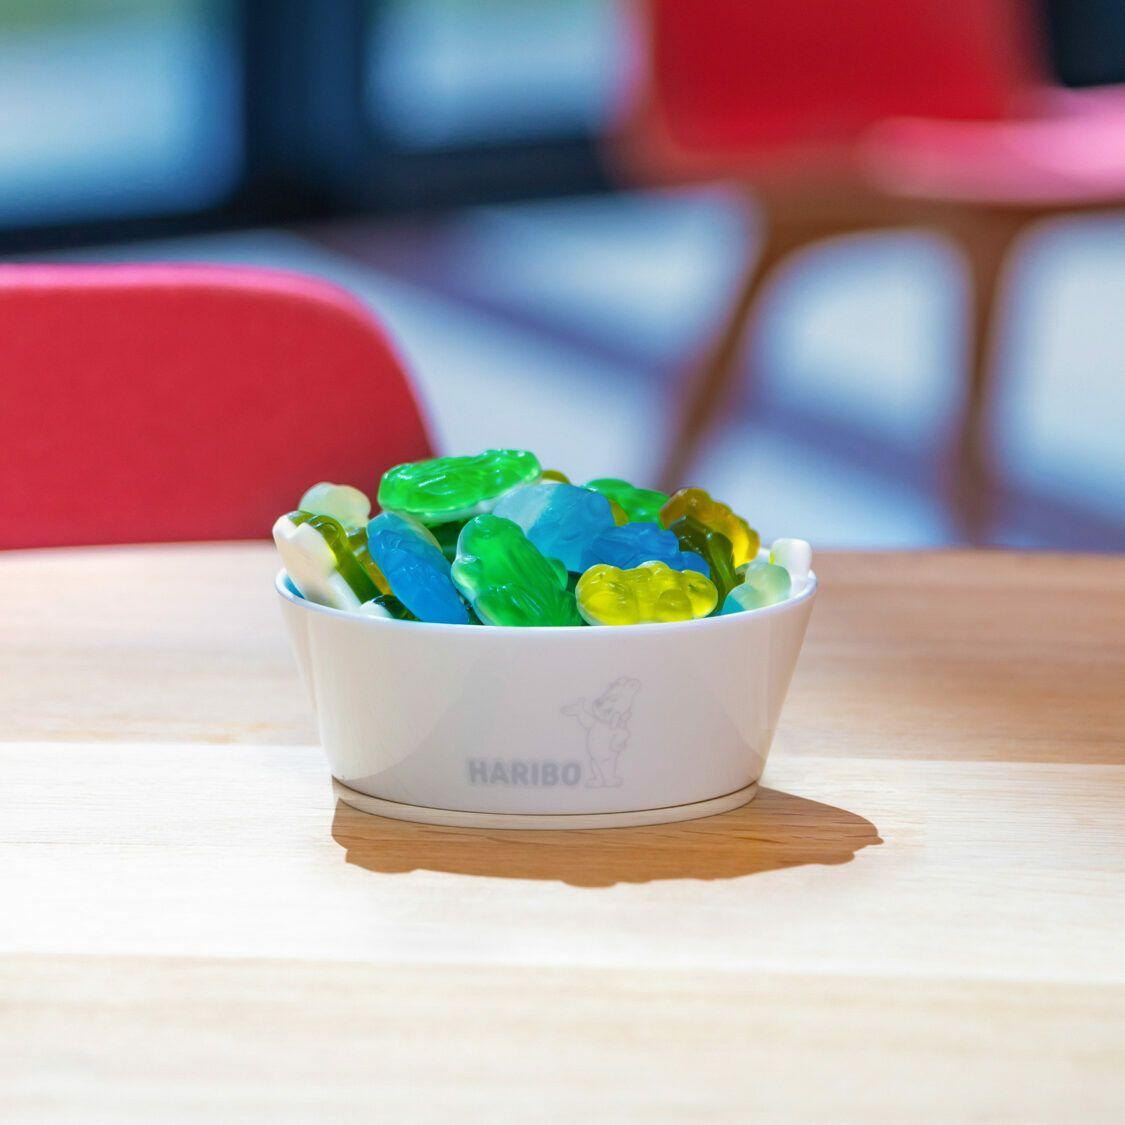 テーブルの上にあるカラフルなHARIBO製品が入ったガラスのボウル